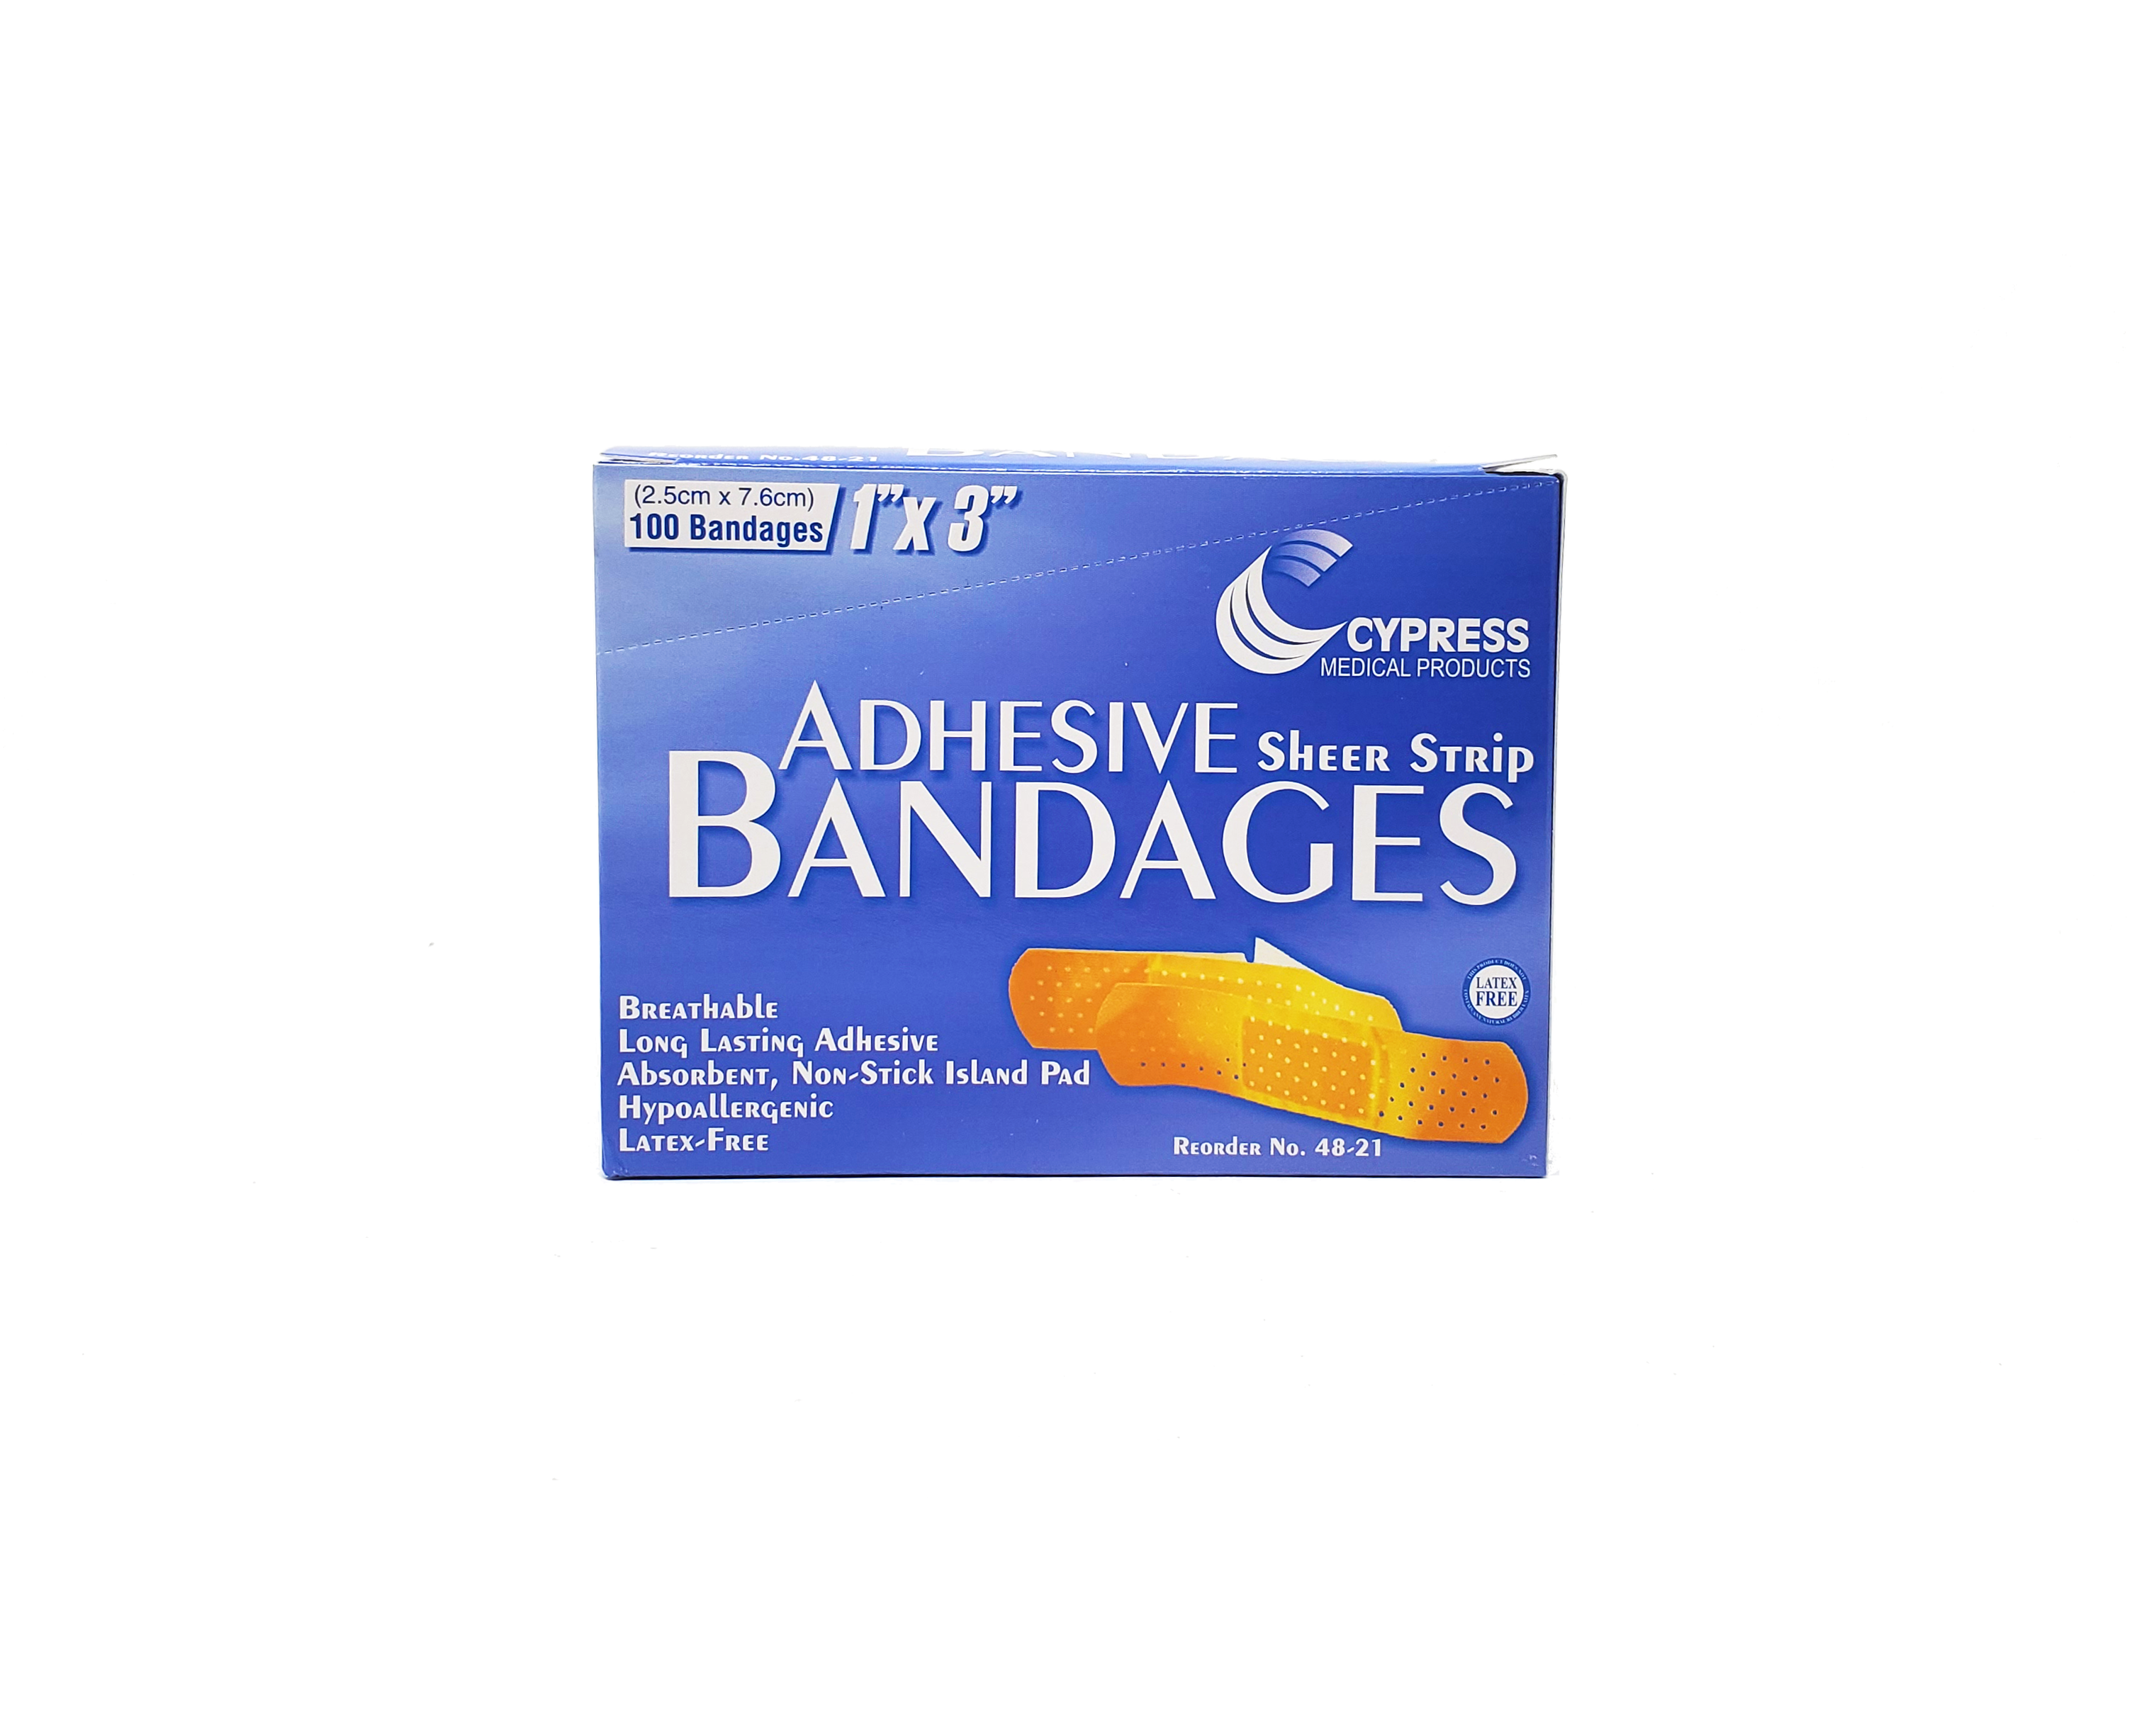 Adhesive Bandages